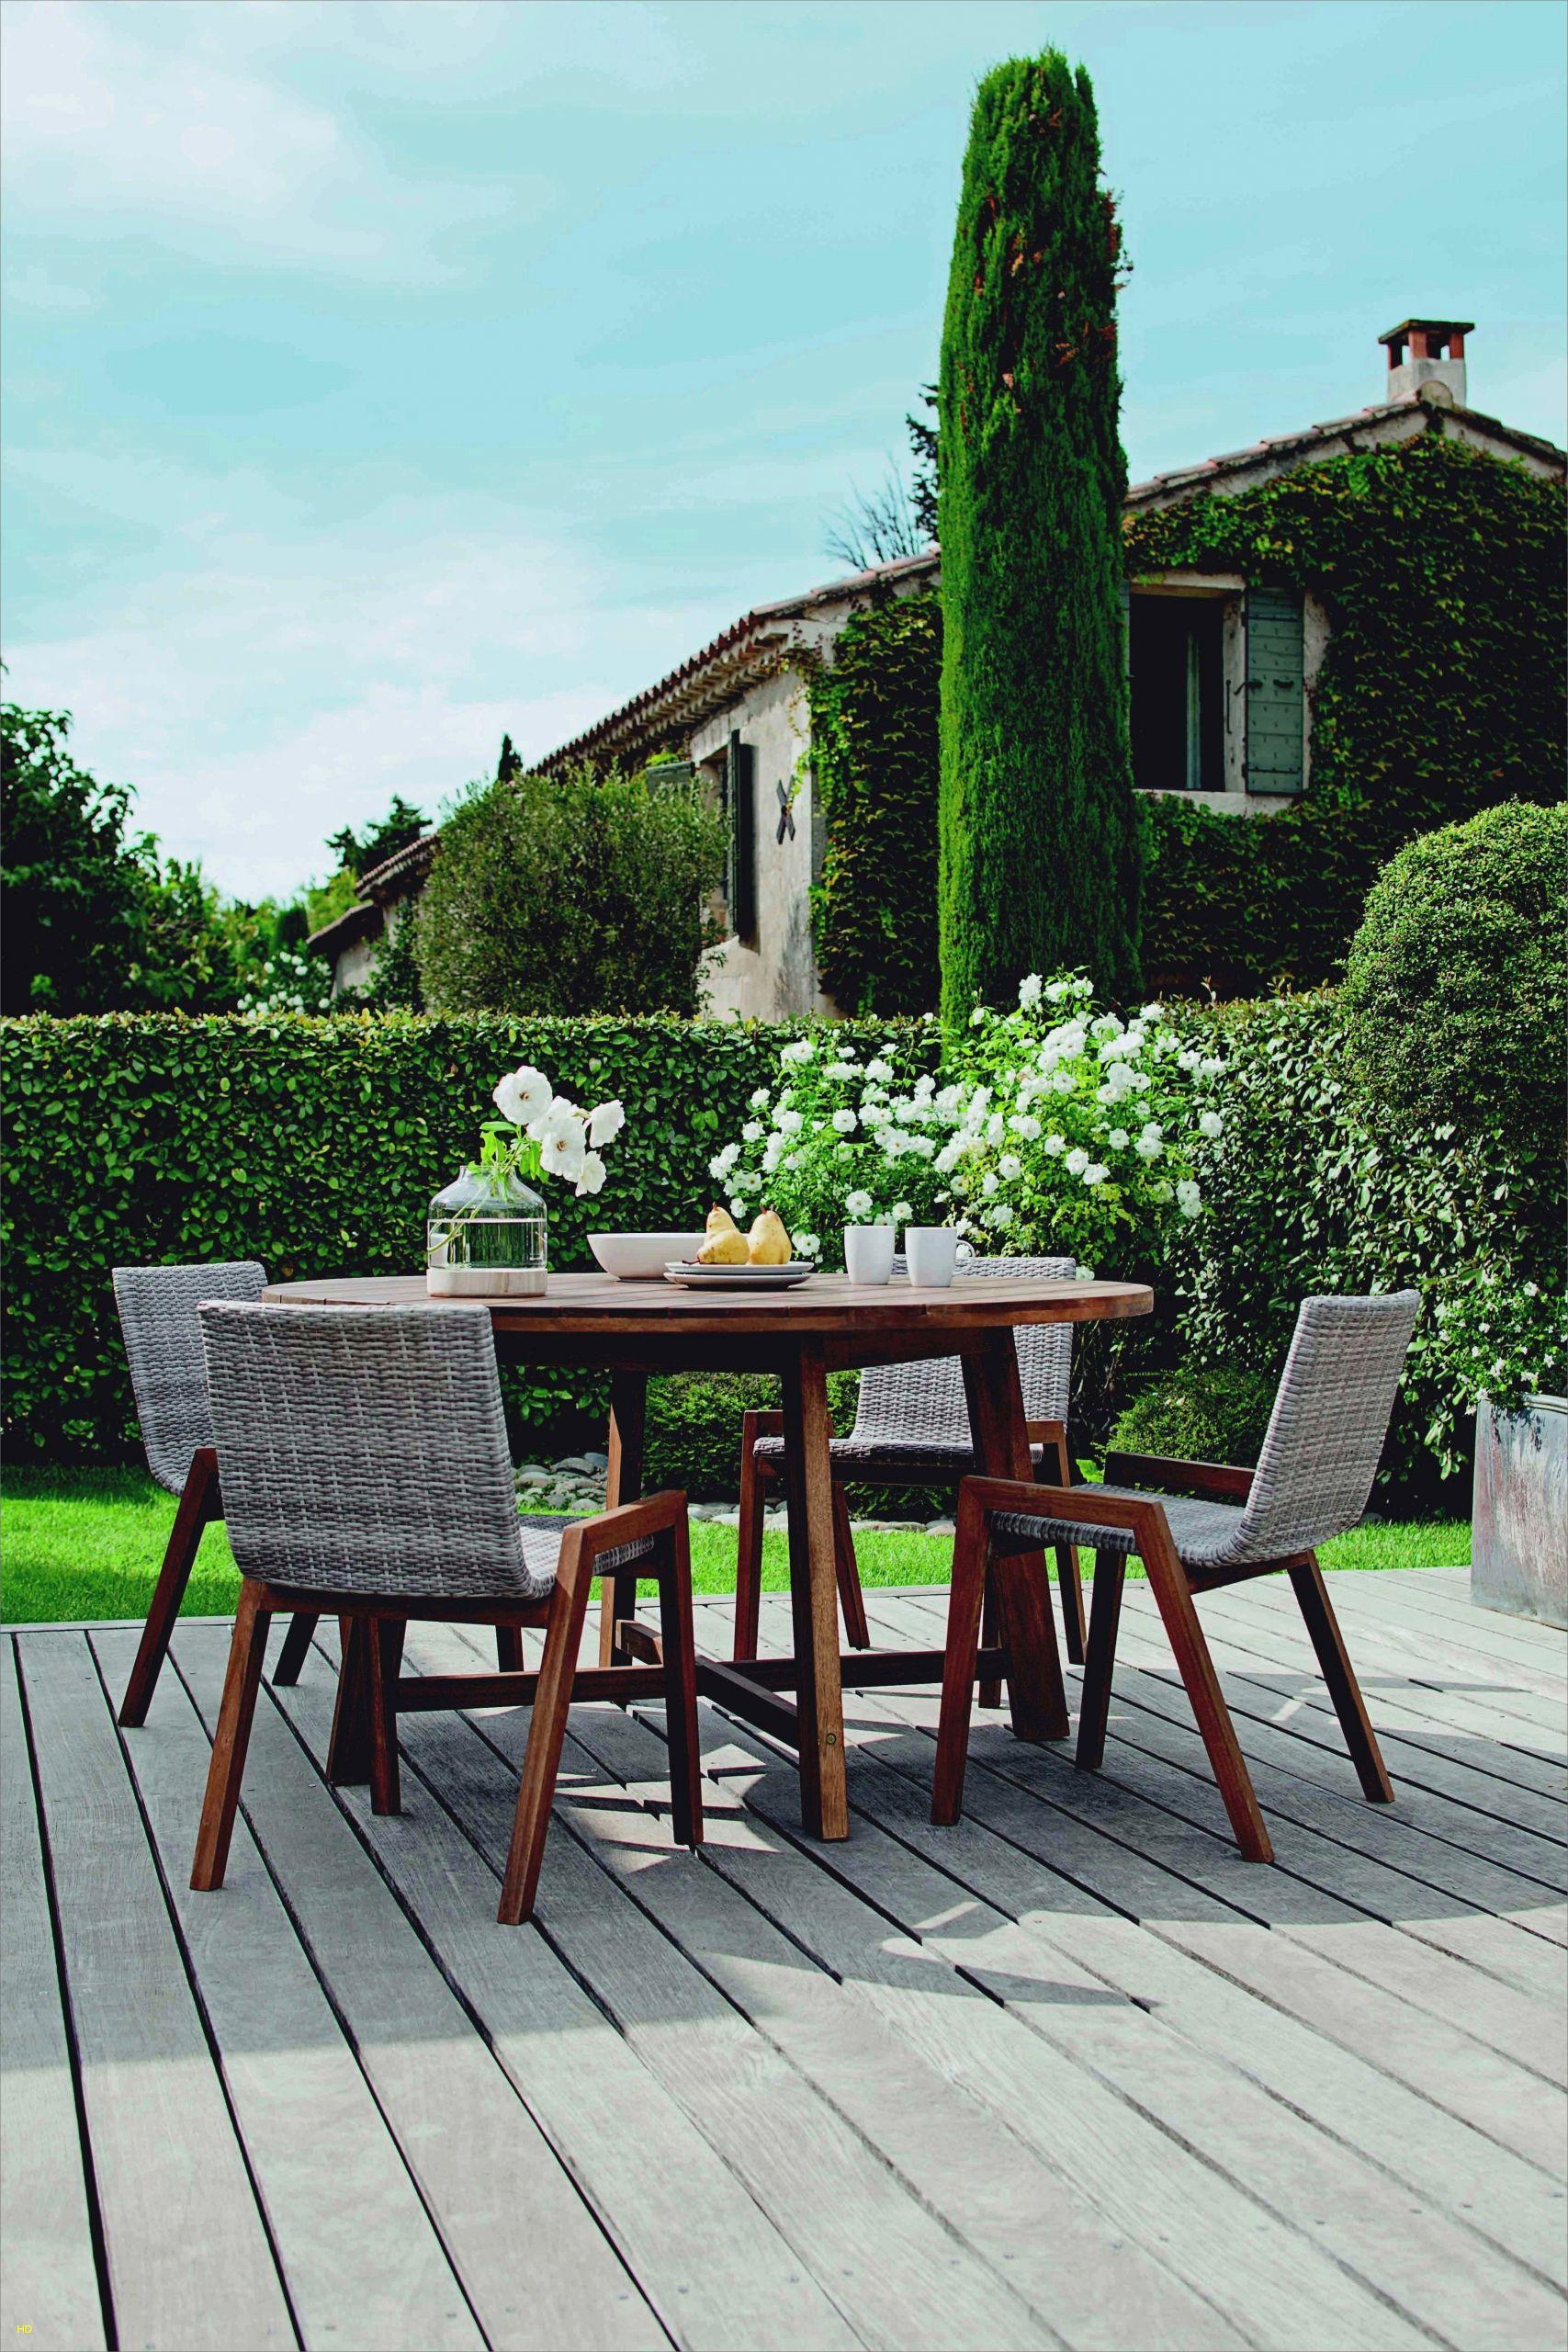 salon de jardin moins cher charmant salon de jardin leclerc catalogue 2017 le meilleur de table de salon de jardin moins cher scaled